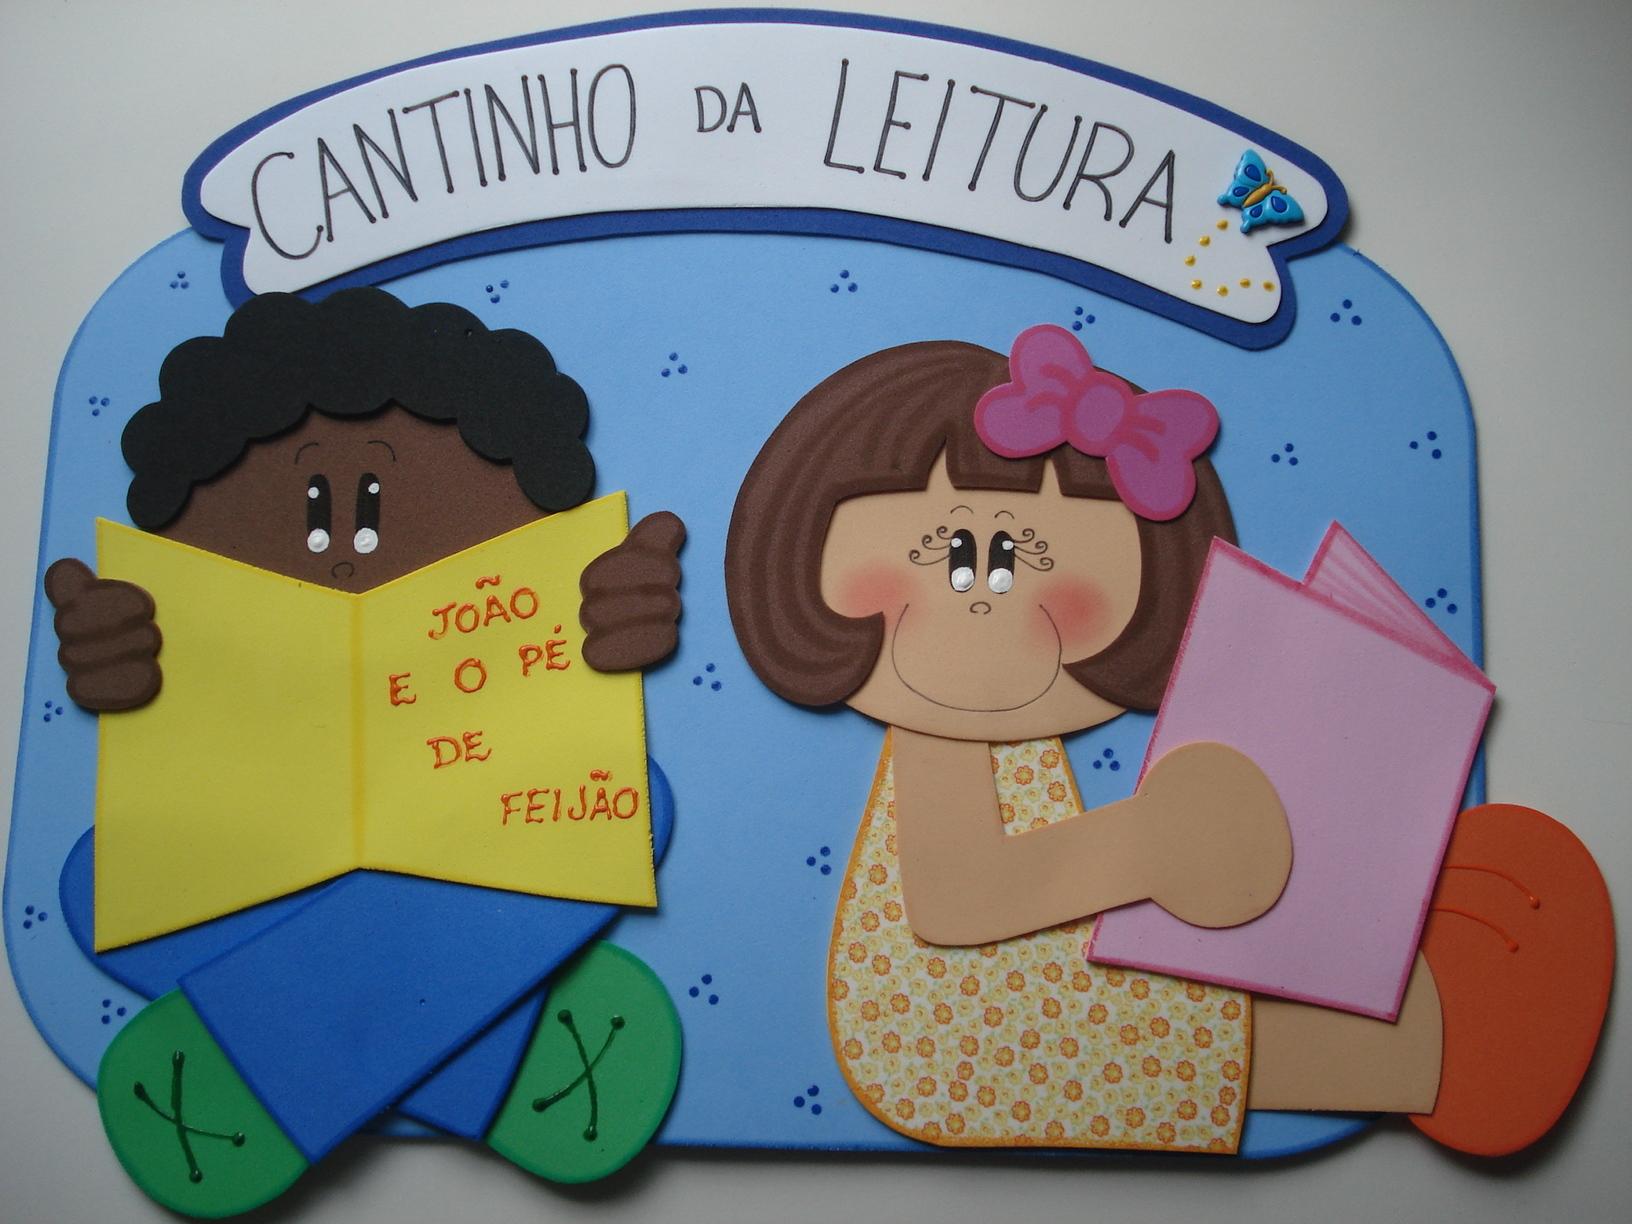 decoracao sala de leitura na escola:plaquinha-cantinho-da-leitura-leitura